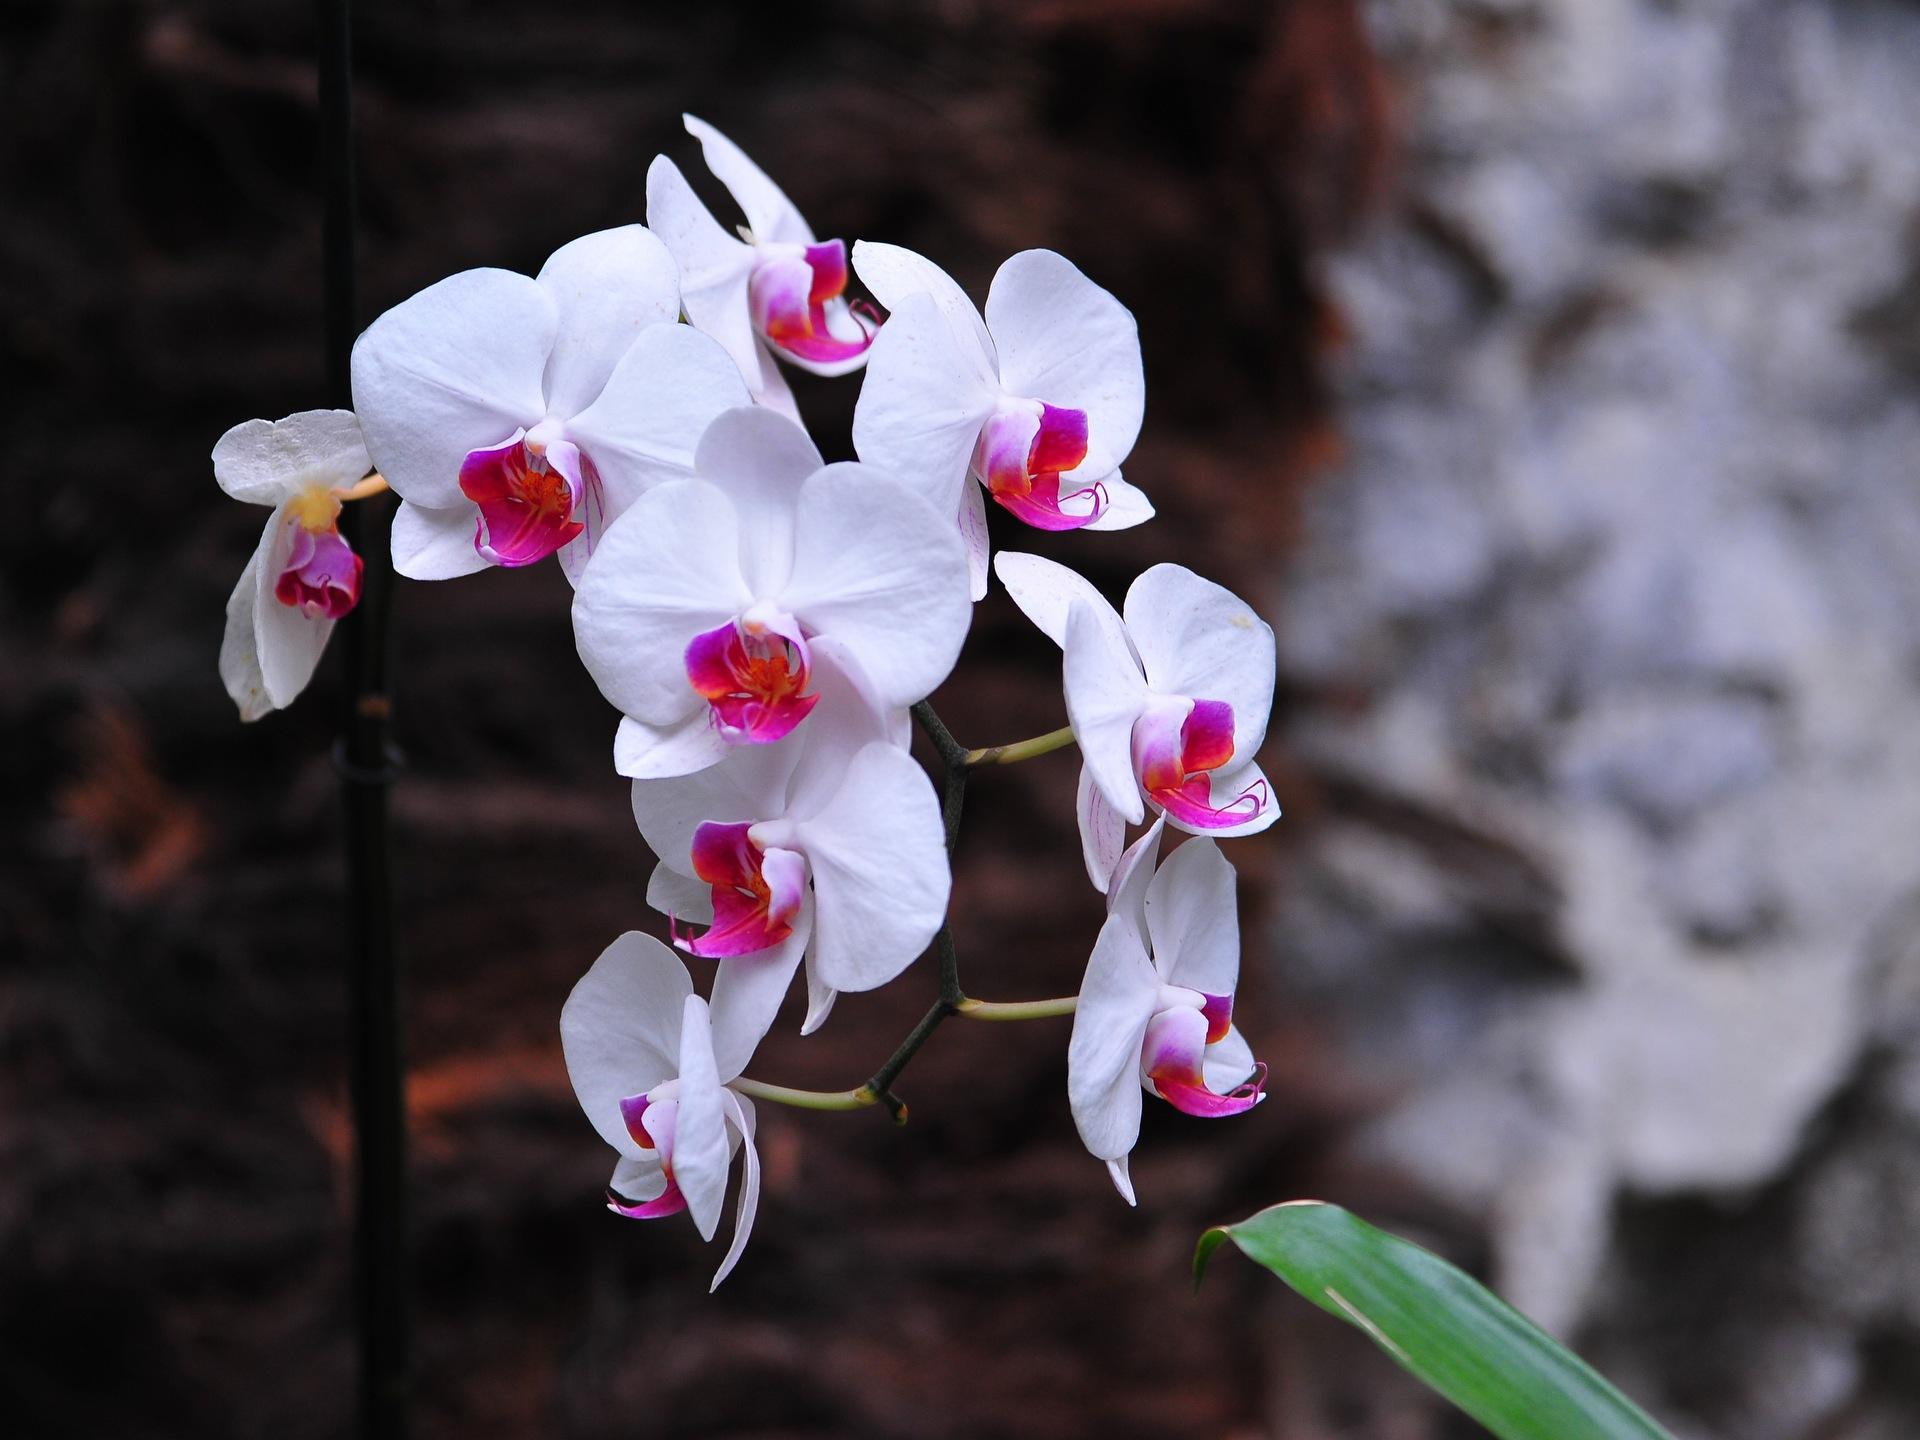 красиво картинки орхидей на ножке остекления контроля